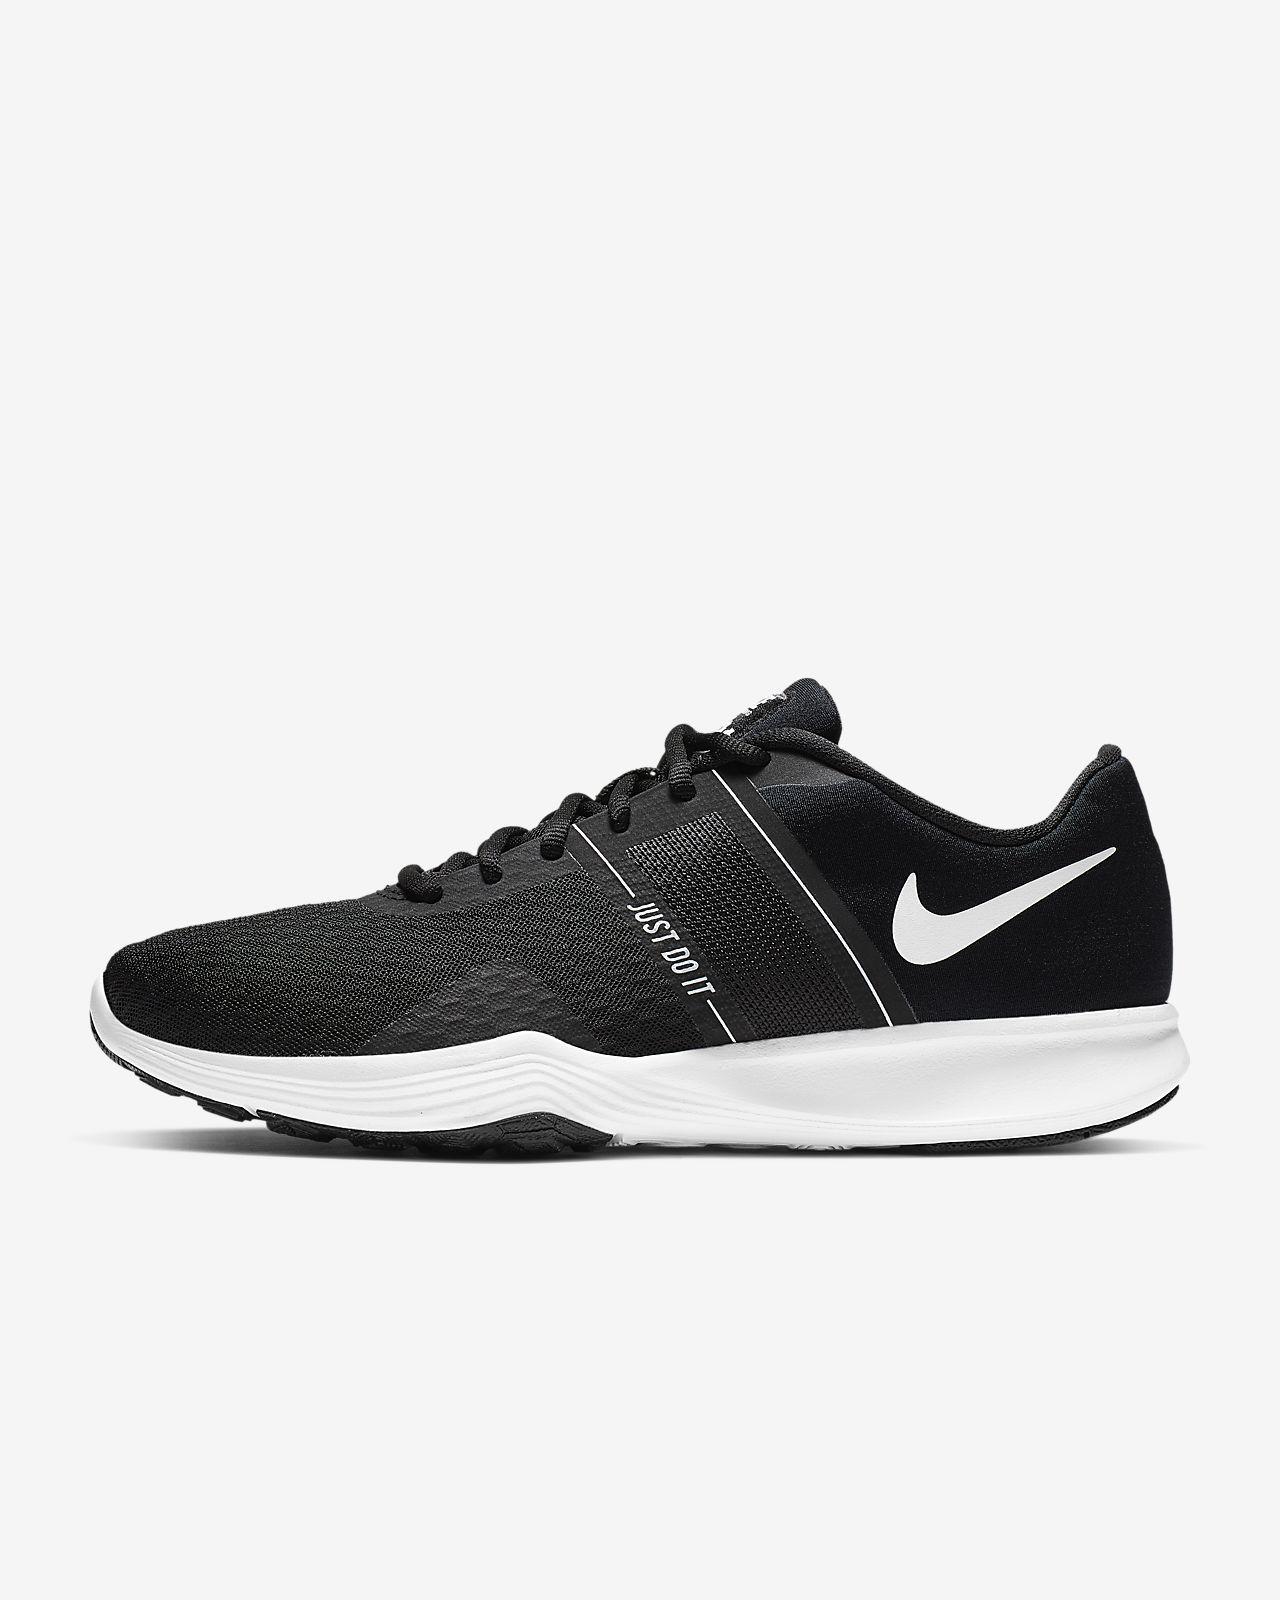 Chaussure de training Nike City Trainer 2 pour Femme